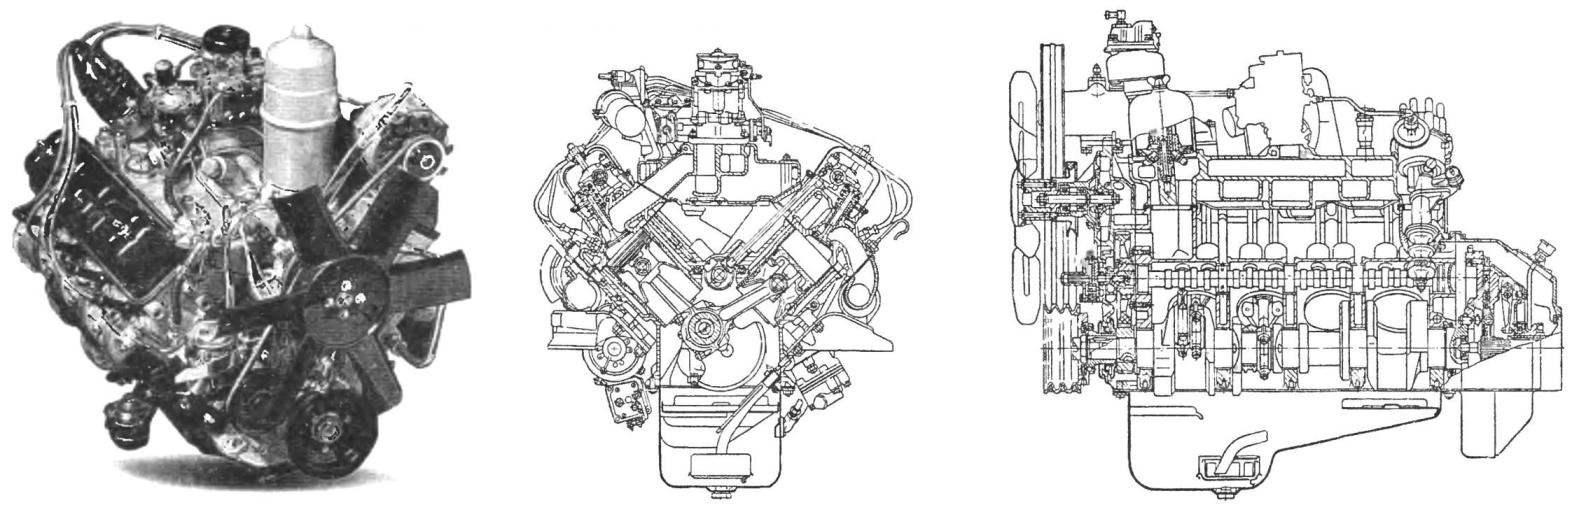 ГАЗ-3307 оснашался 120-сильным 8-цилиндровым бензиновым двигателем ЗМЗ-43-11